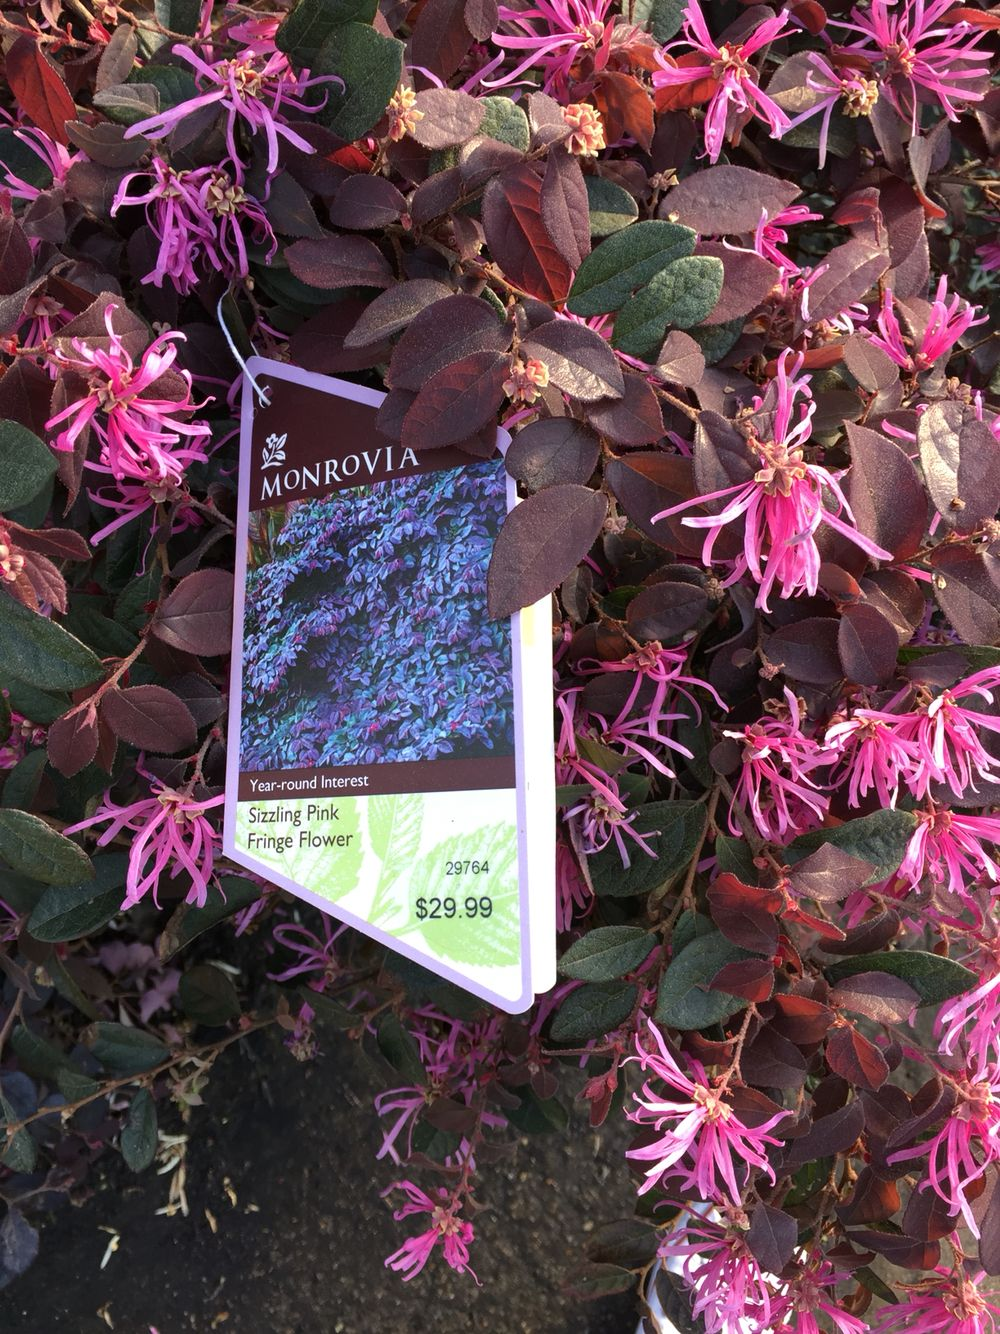 Sizzling Pink Fringe Flower 591 Landscape Pinterest Pink